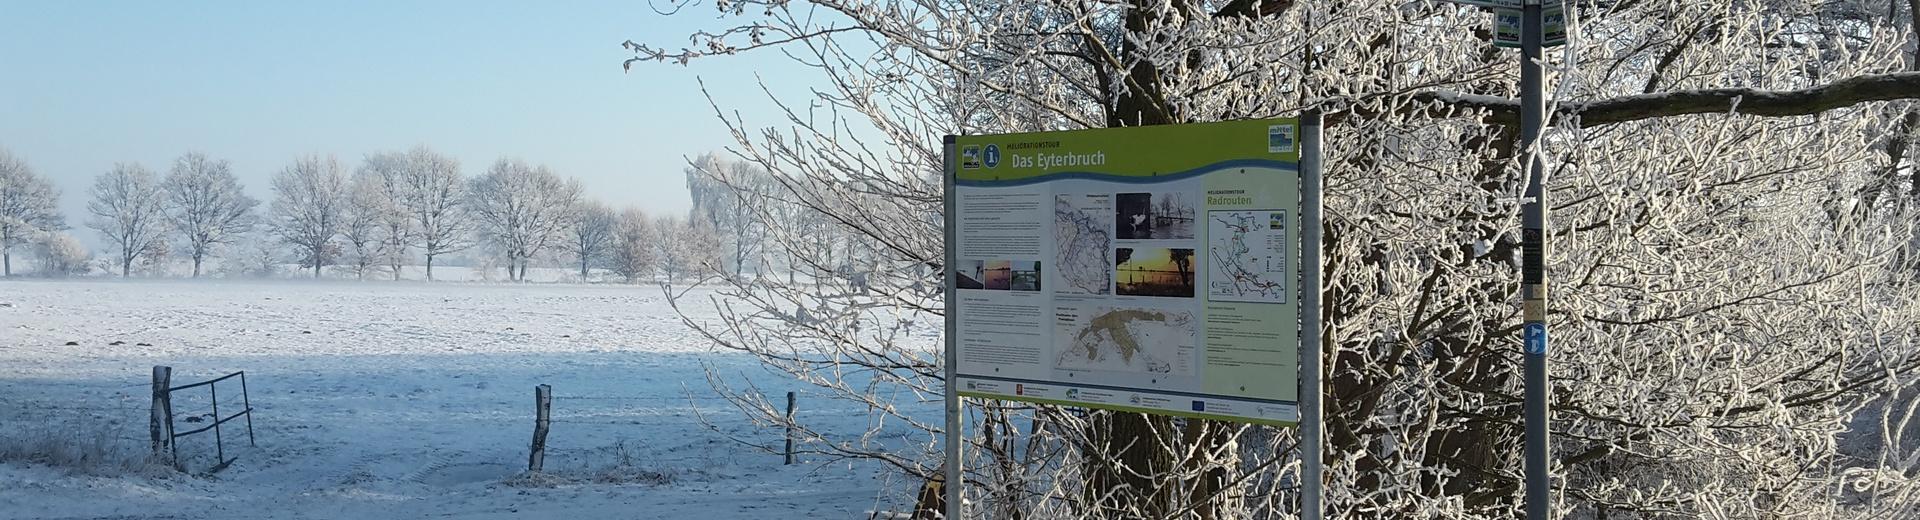 Rathaus_Folgeseite_Eyterbruch_Winter